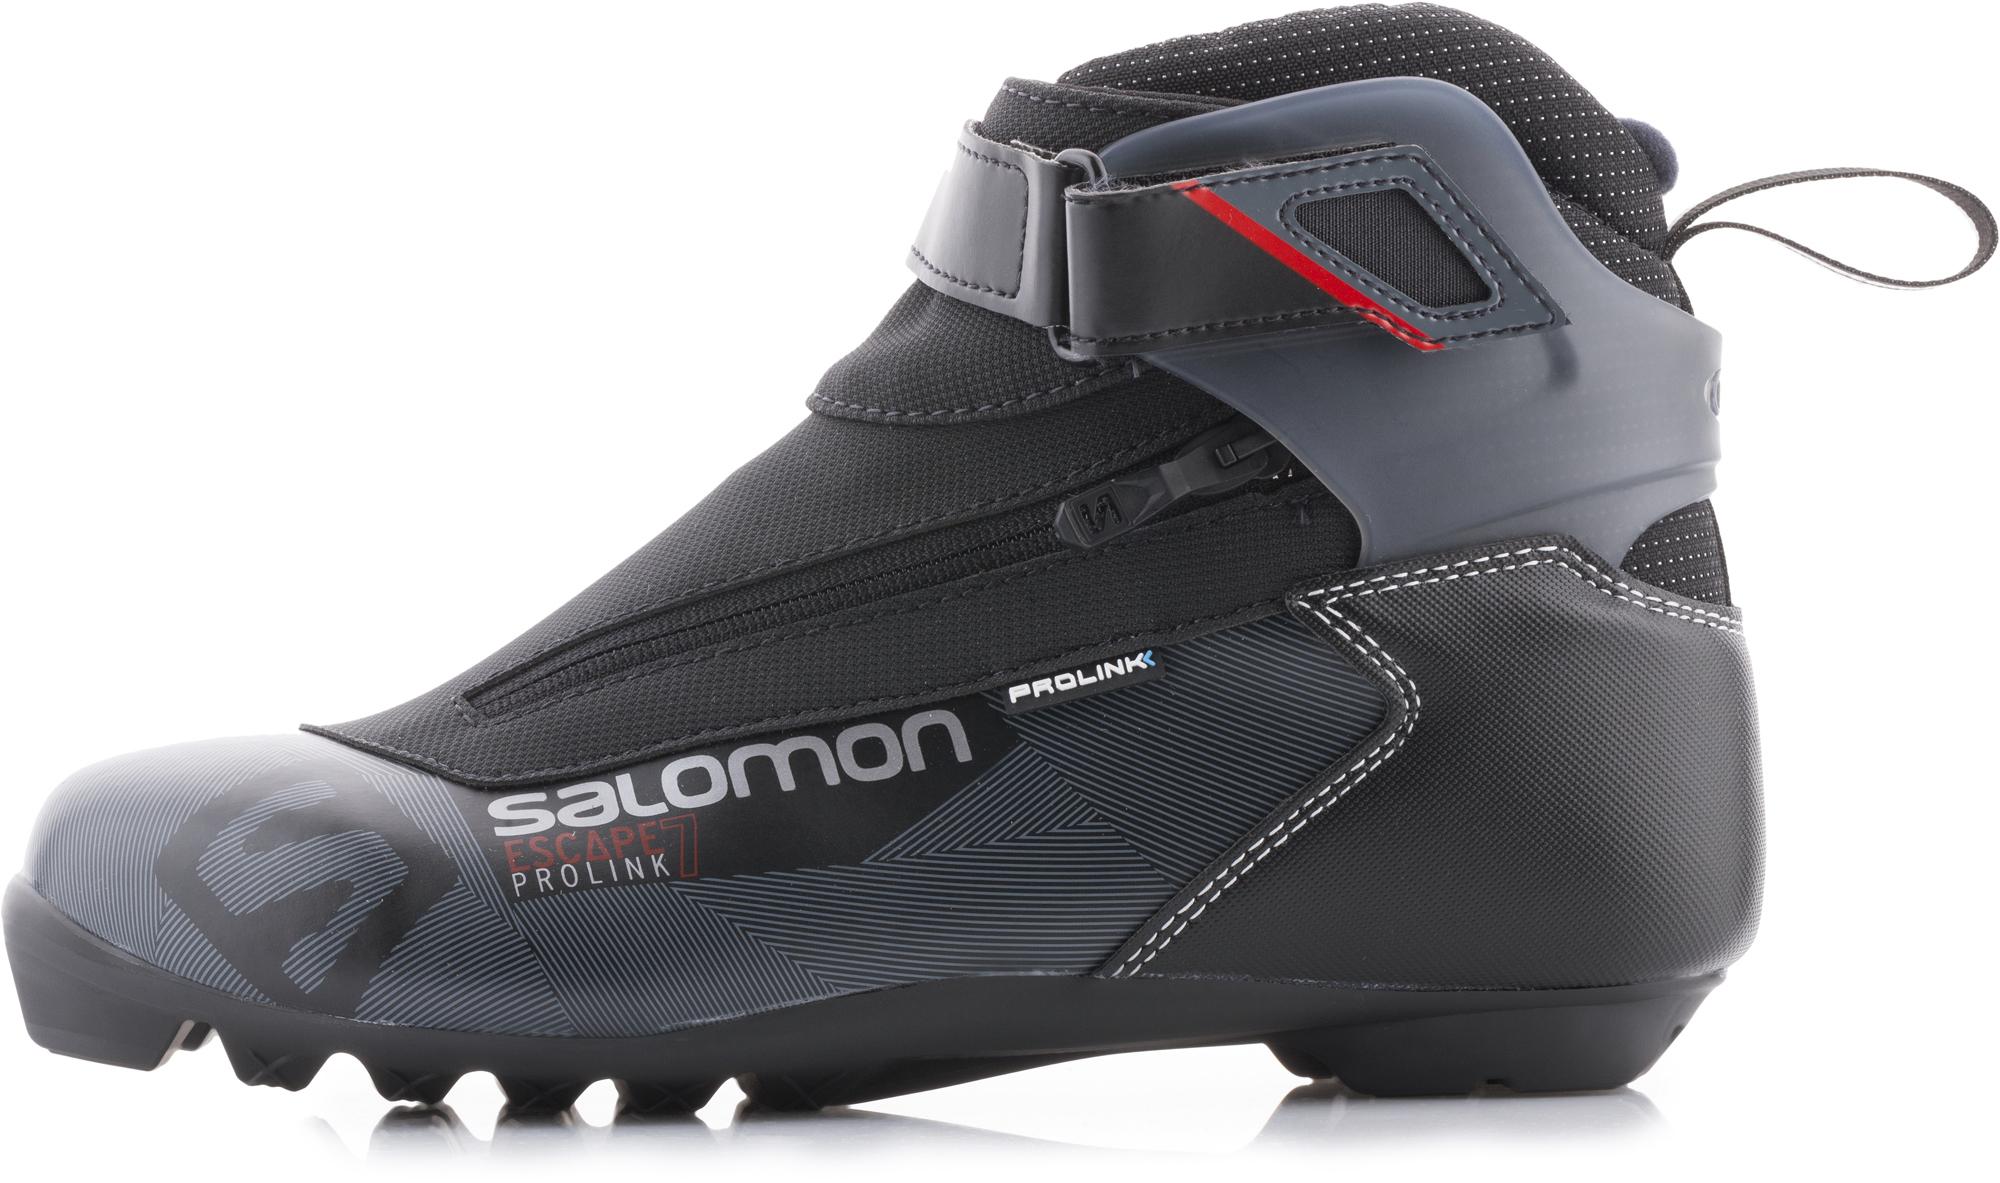 Salomon Ботинки для беговых лыж Salomon Escape 7 Prolink, размер 46,5 salomon ботинки для беговых лыж женские salomon siam 7 prolink